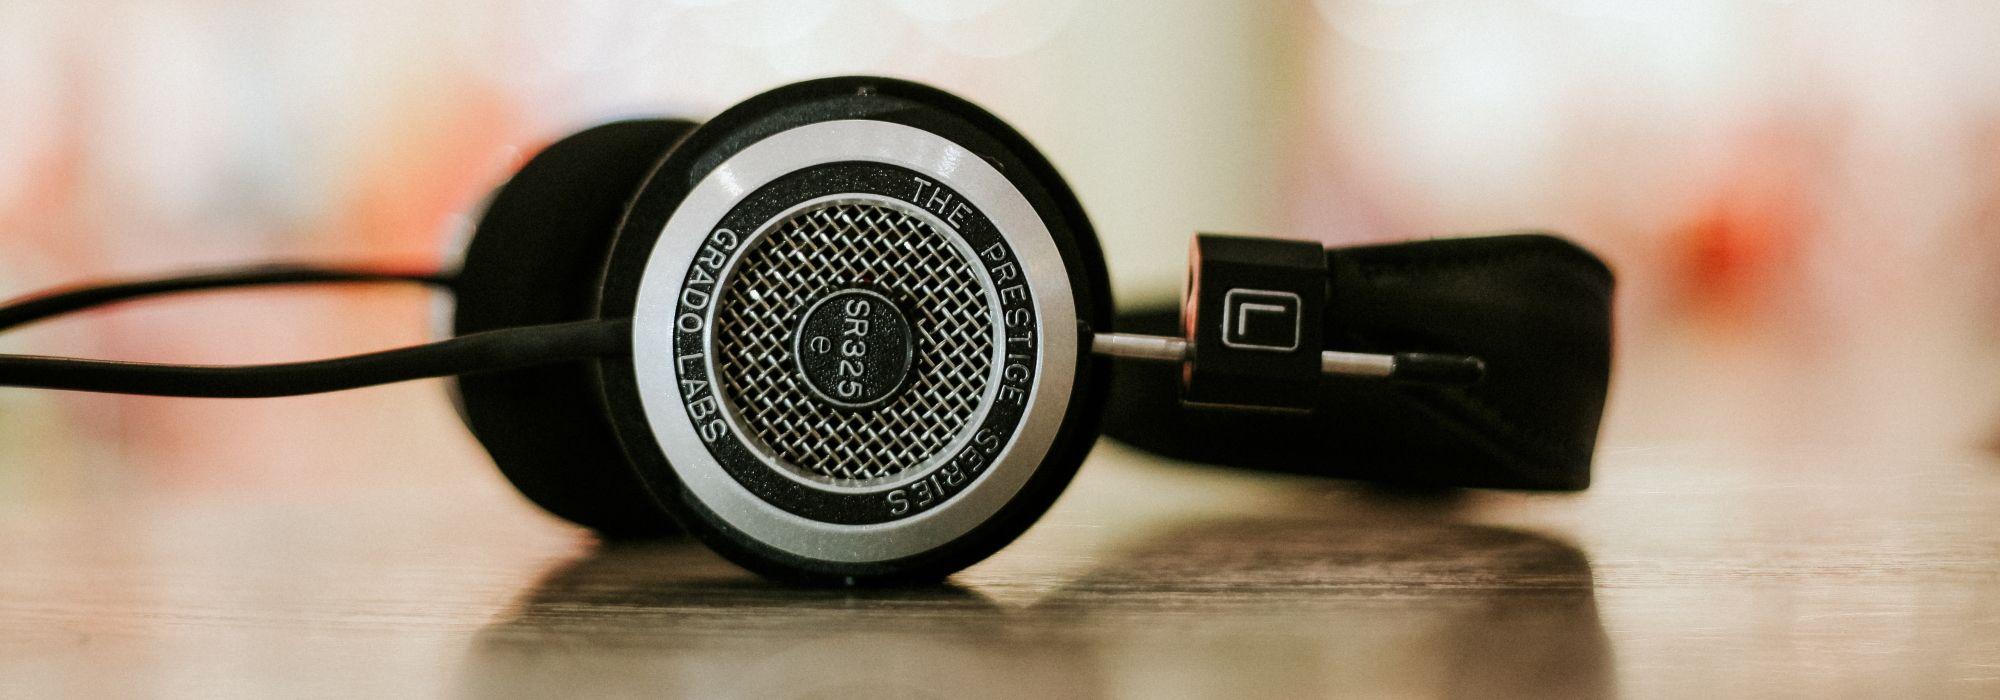 Estudio Audio Digital IAB 2021